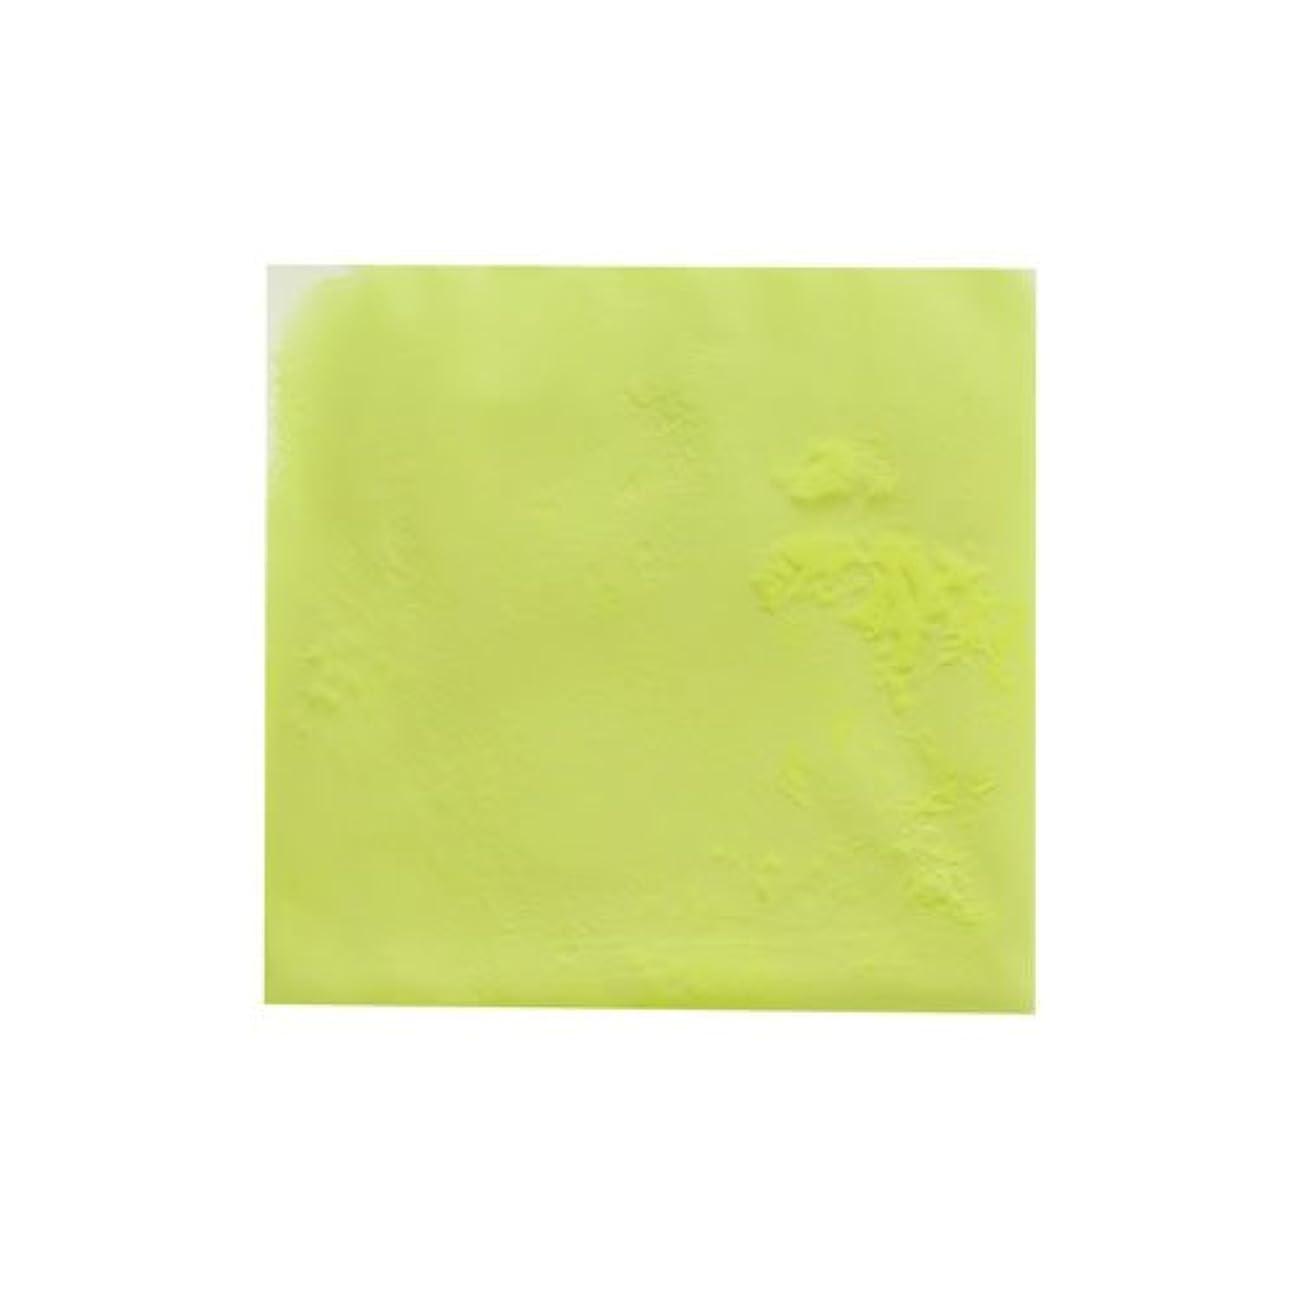 メジャー感謝している風邪をひくピカエース ネイル用パウダー ピカエース 夜光顔料 蓄光性 #105 レモン 3g アート材